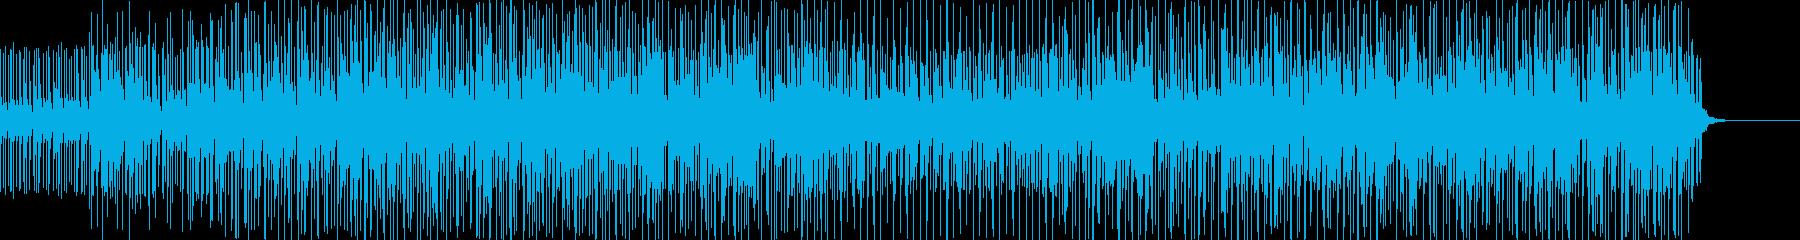 アフリカの音をとらえた元気なワール...の再生済みの波形